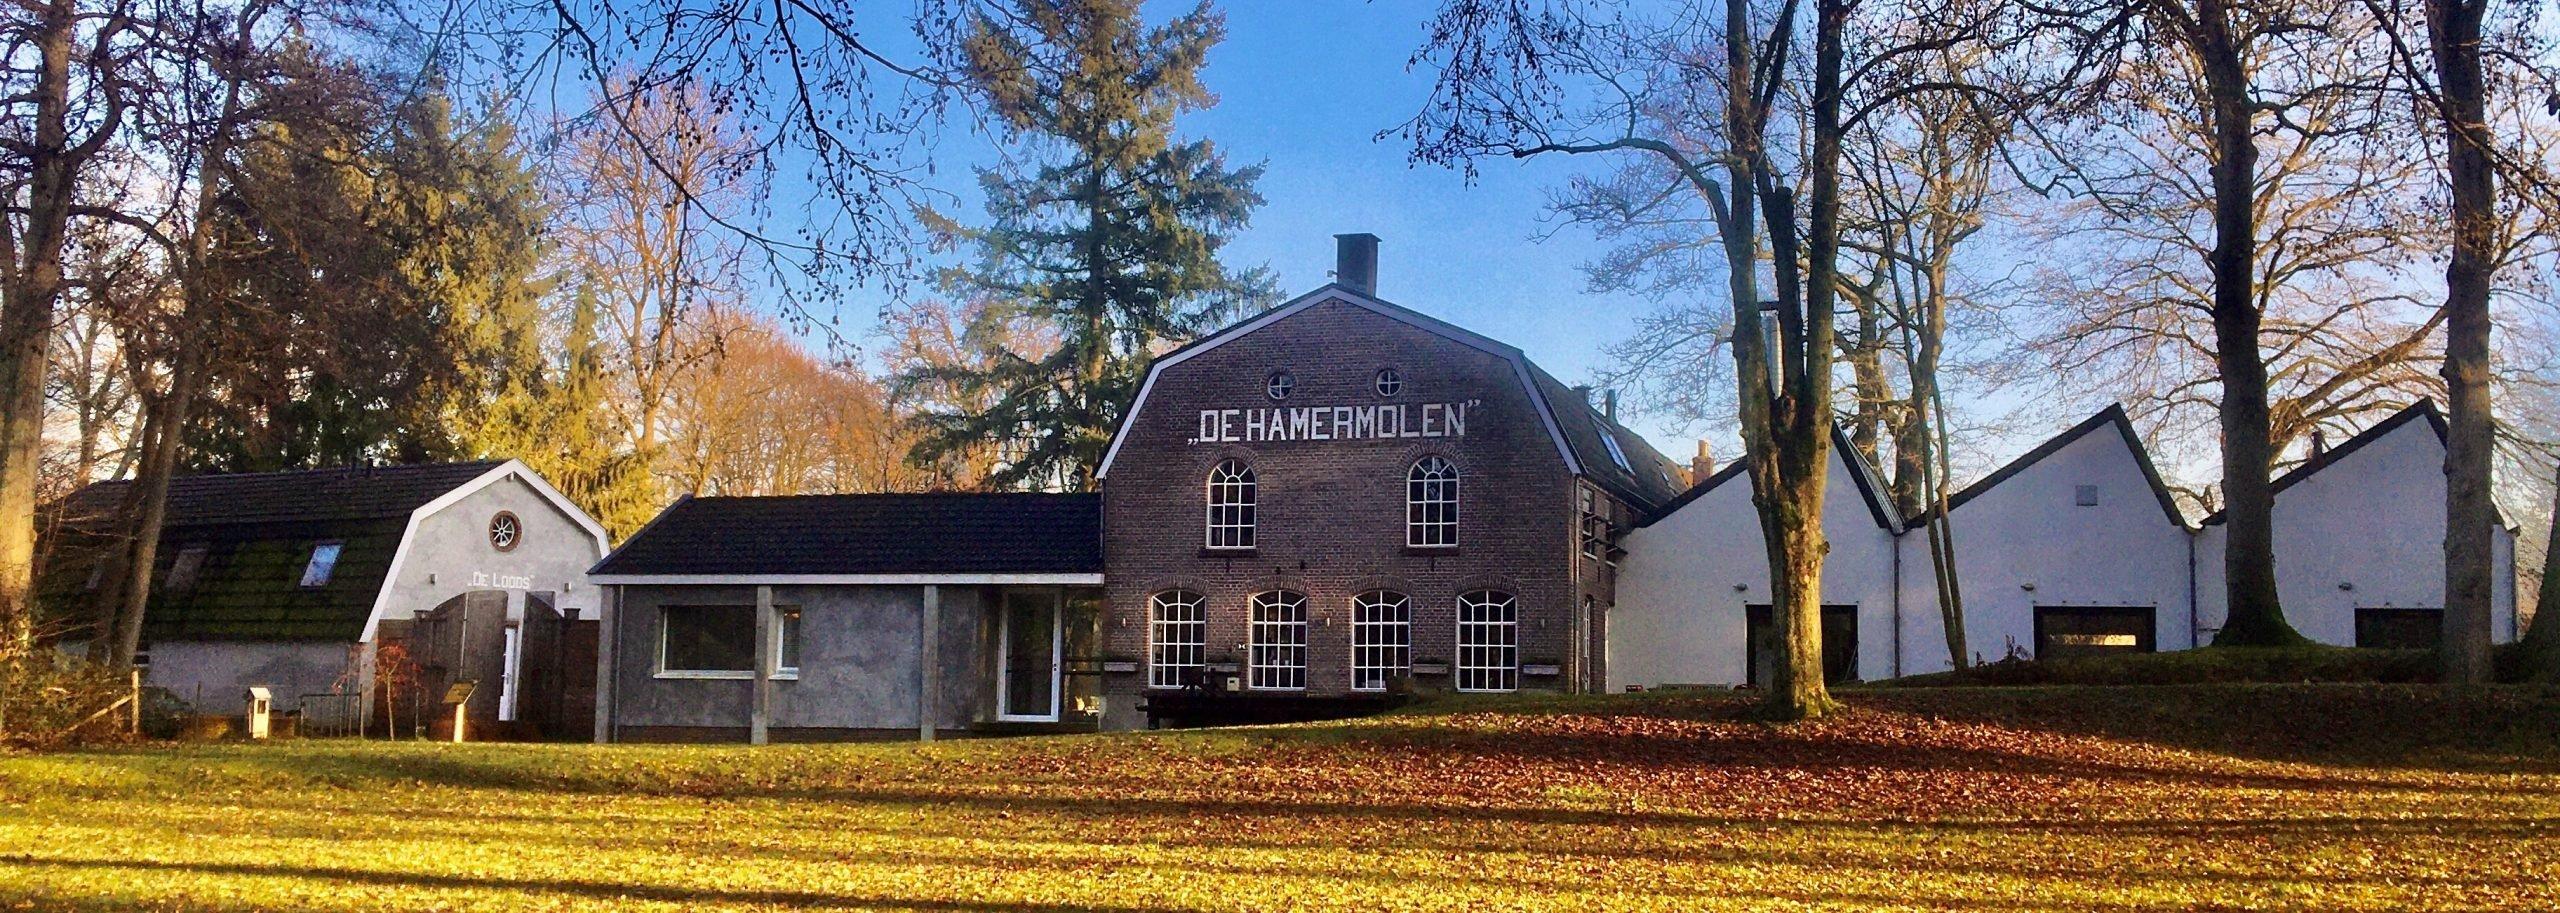 (c) Dehamermolen.nl